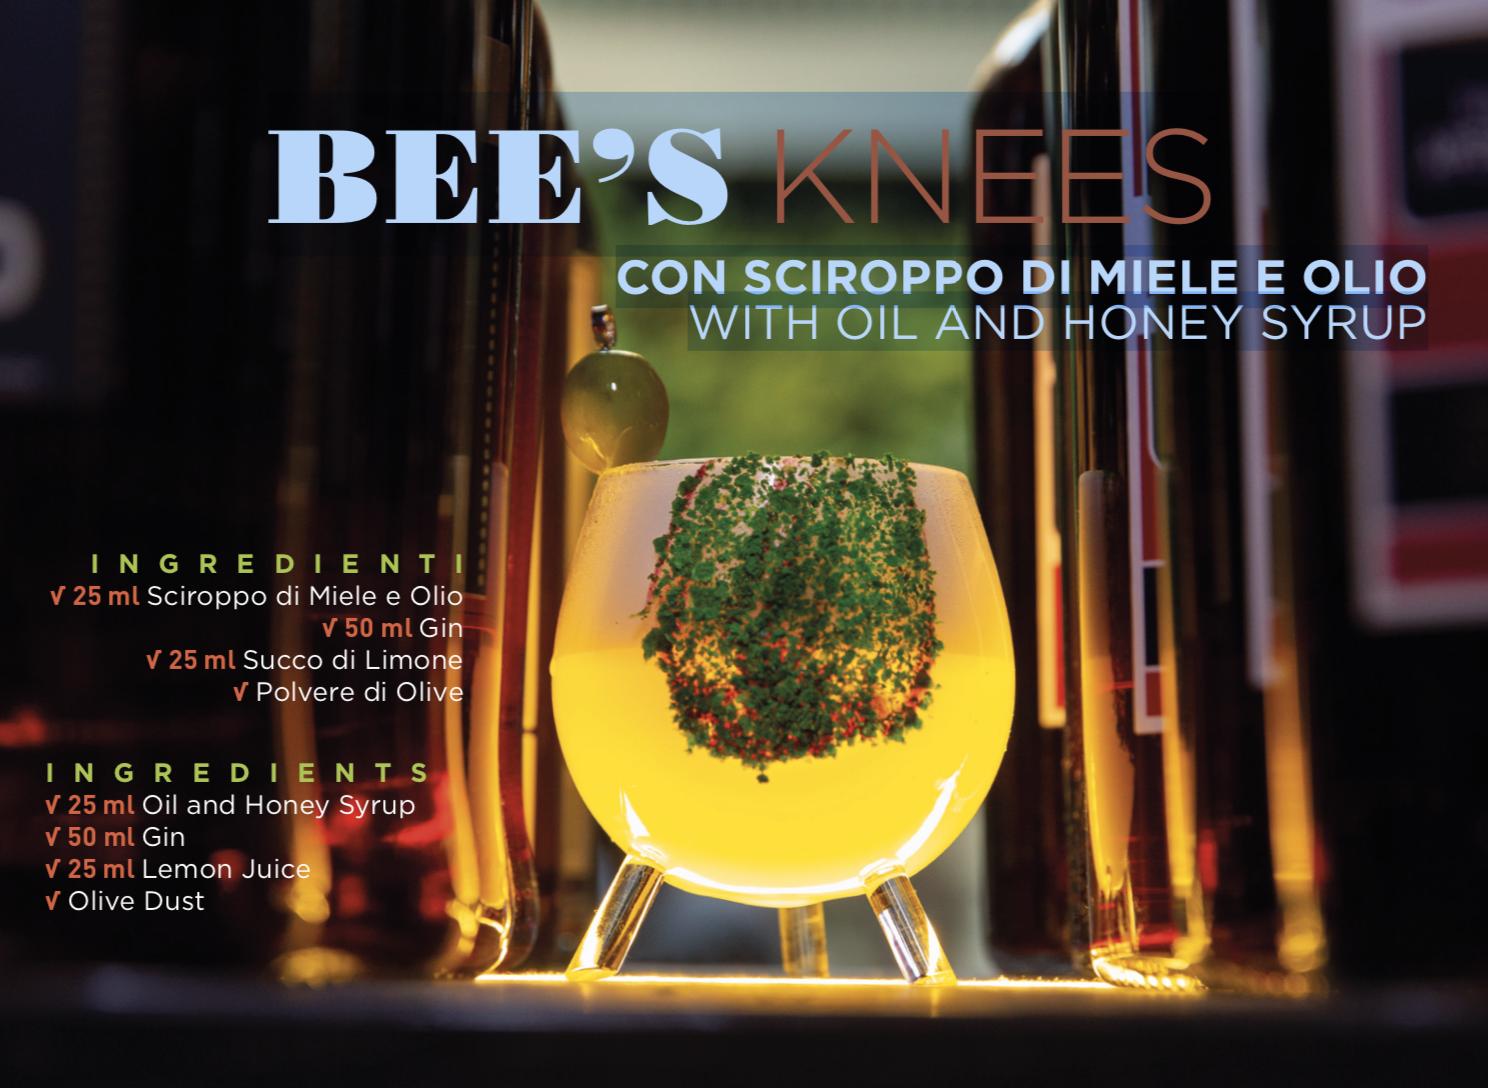 BEE'S KNEES CON SCIROPPO DI MIELE E OLIO